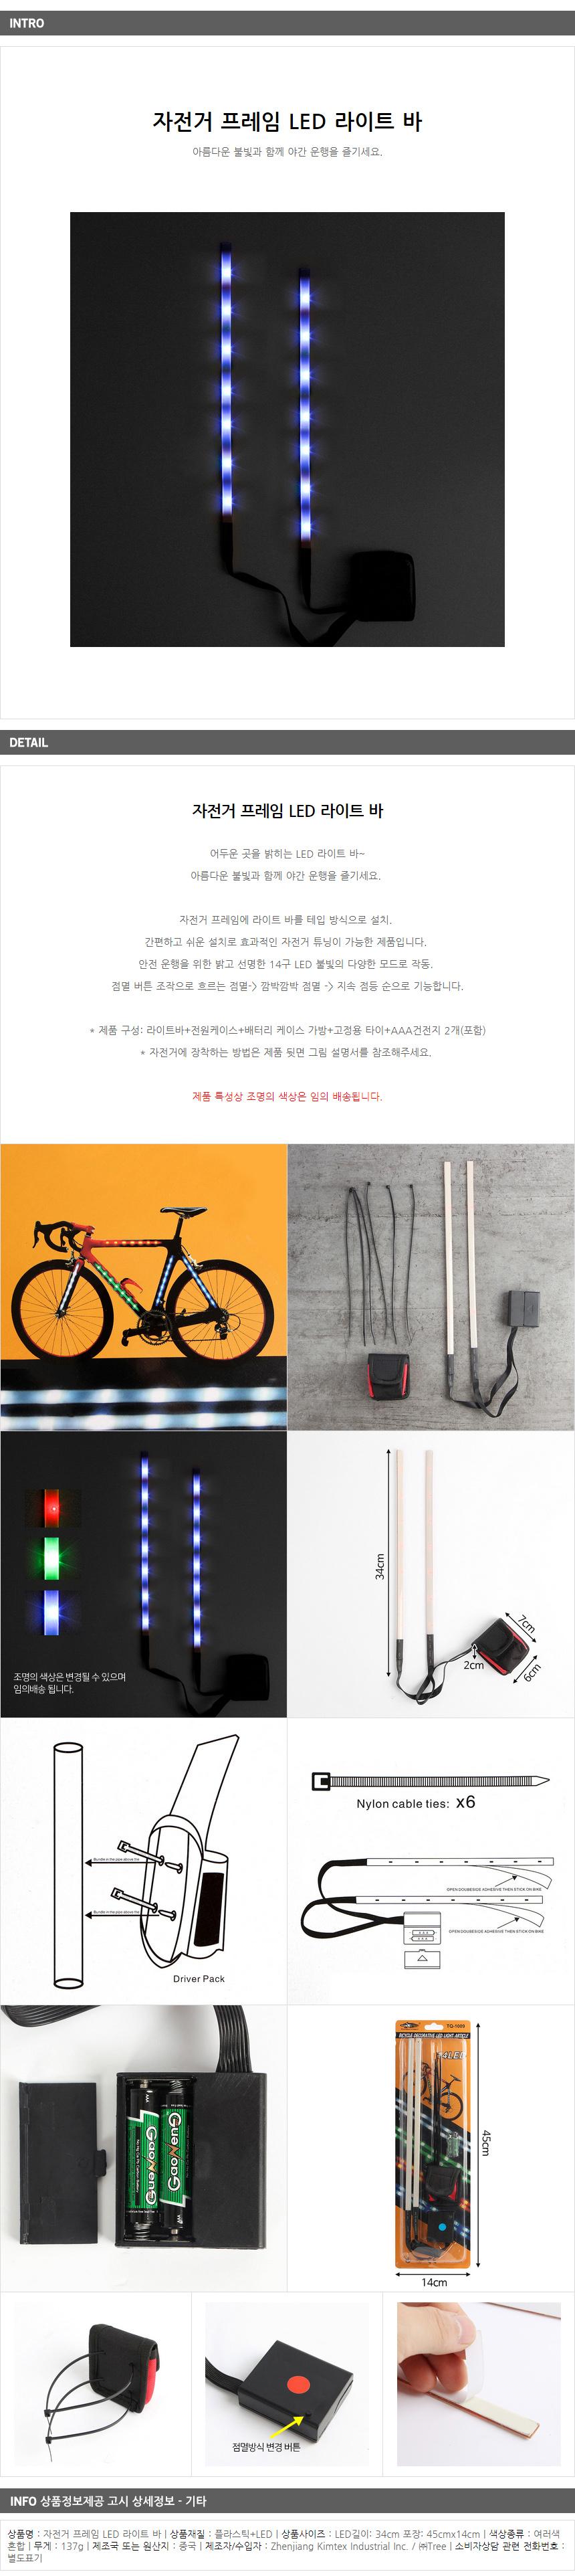 자전거 야간 LED안전등 자전거라이트 - 기프트갓, 8,940원, 자전거 안전용품, 전조등/후미등